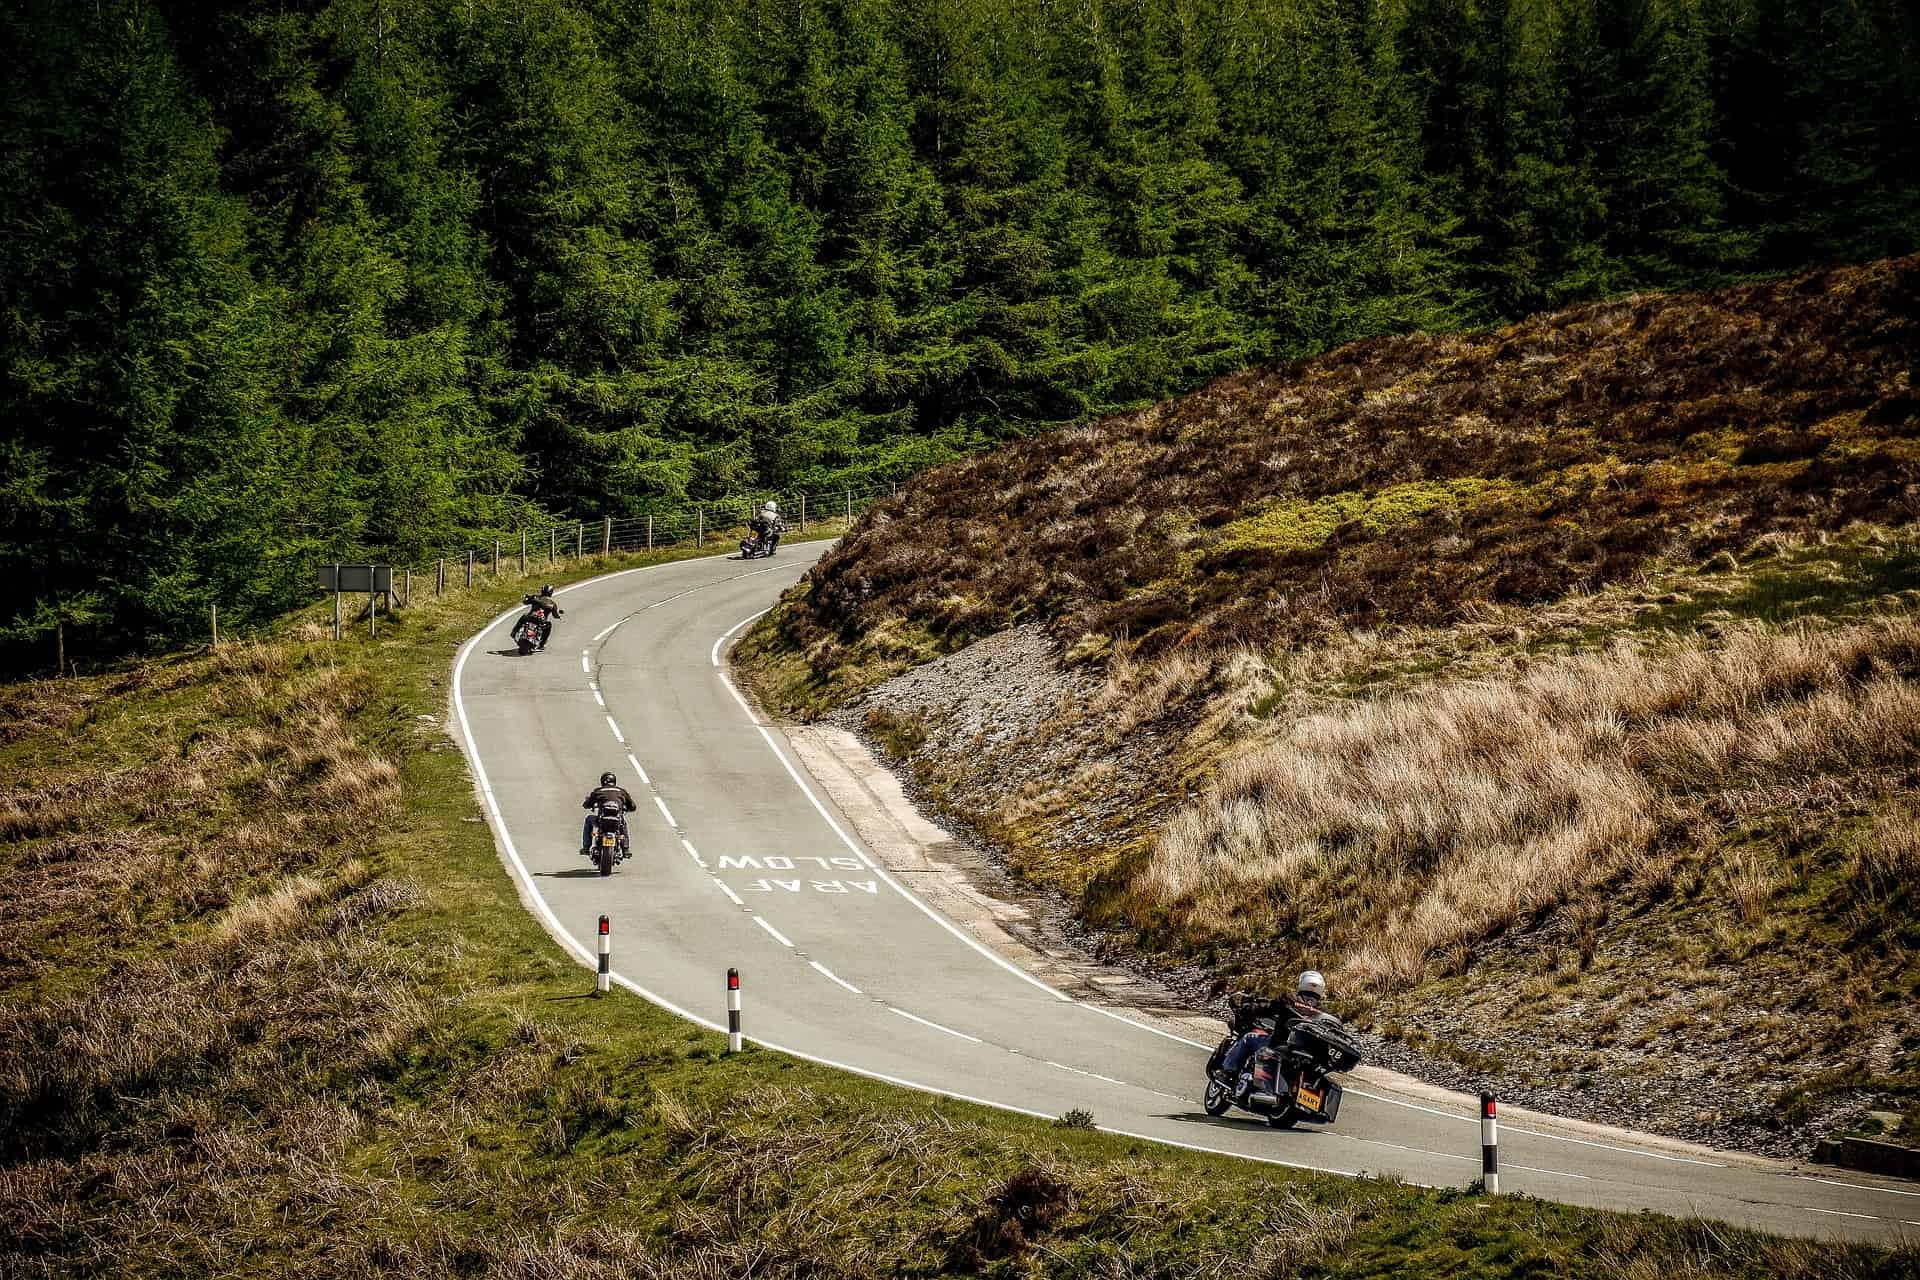 roadway bikers turning